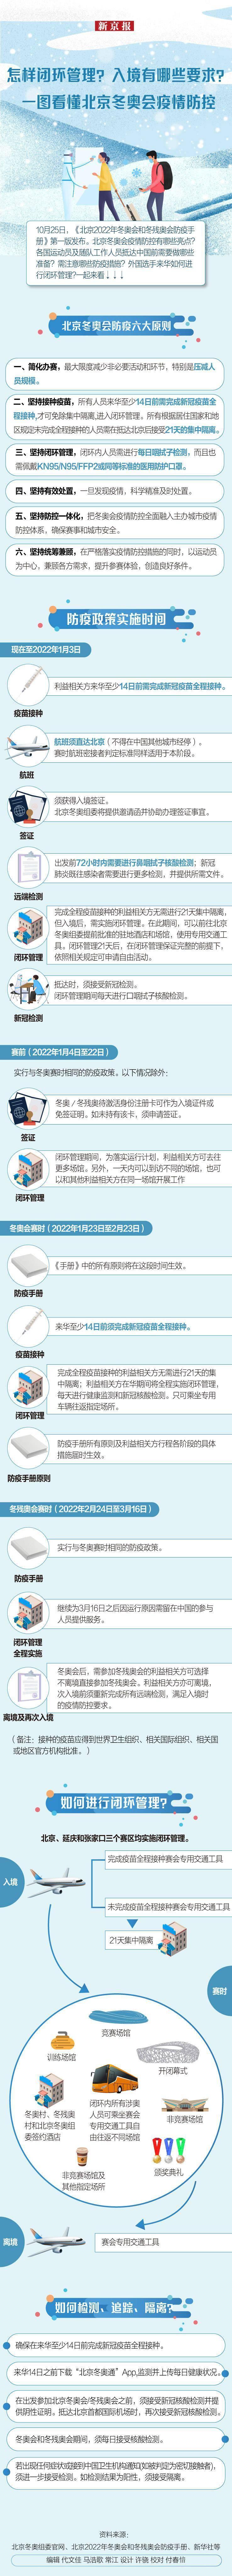 怎样闭环管理?入境有哪些要求?一图看懂北京冬奥会疫情防控